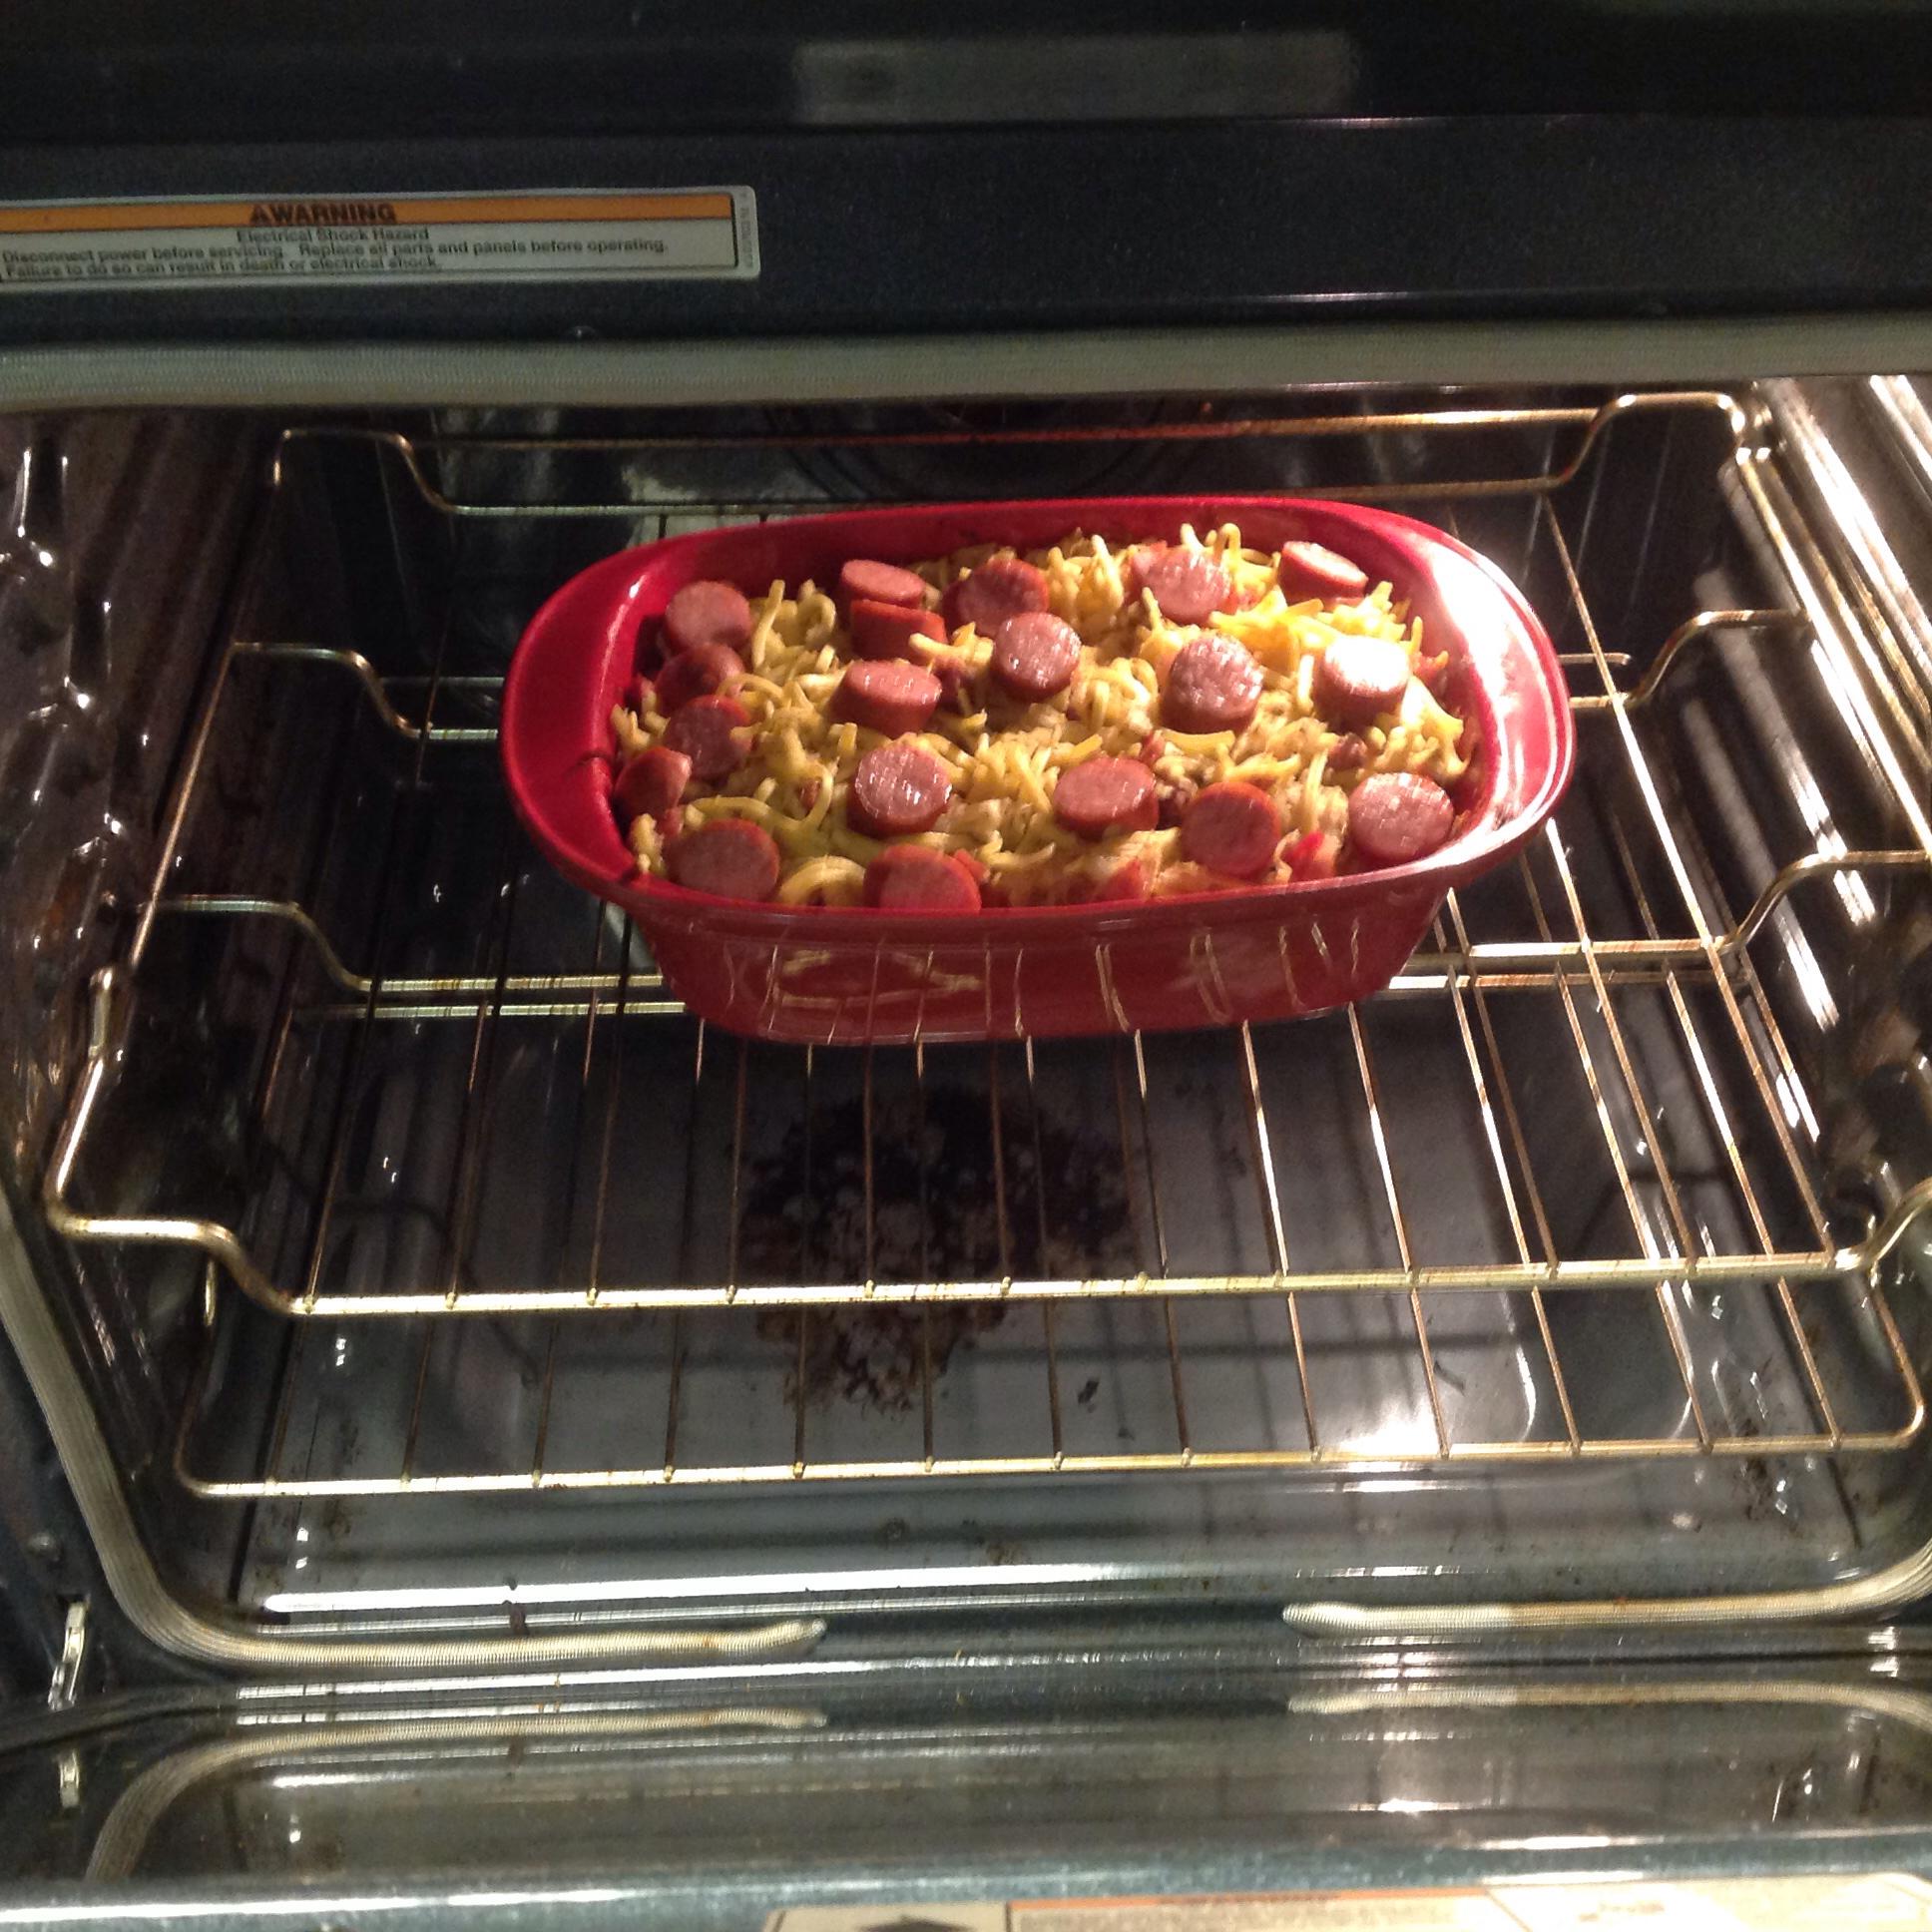 Spaetzle, Sauerkraut and Sausage Casserole